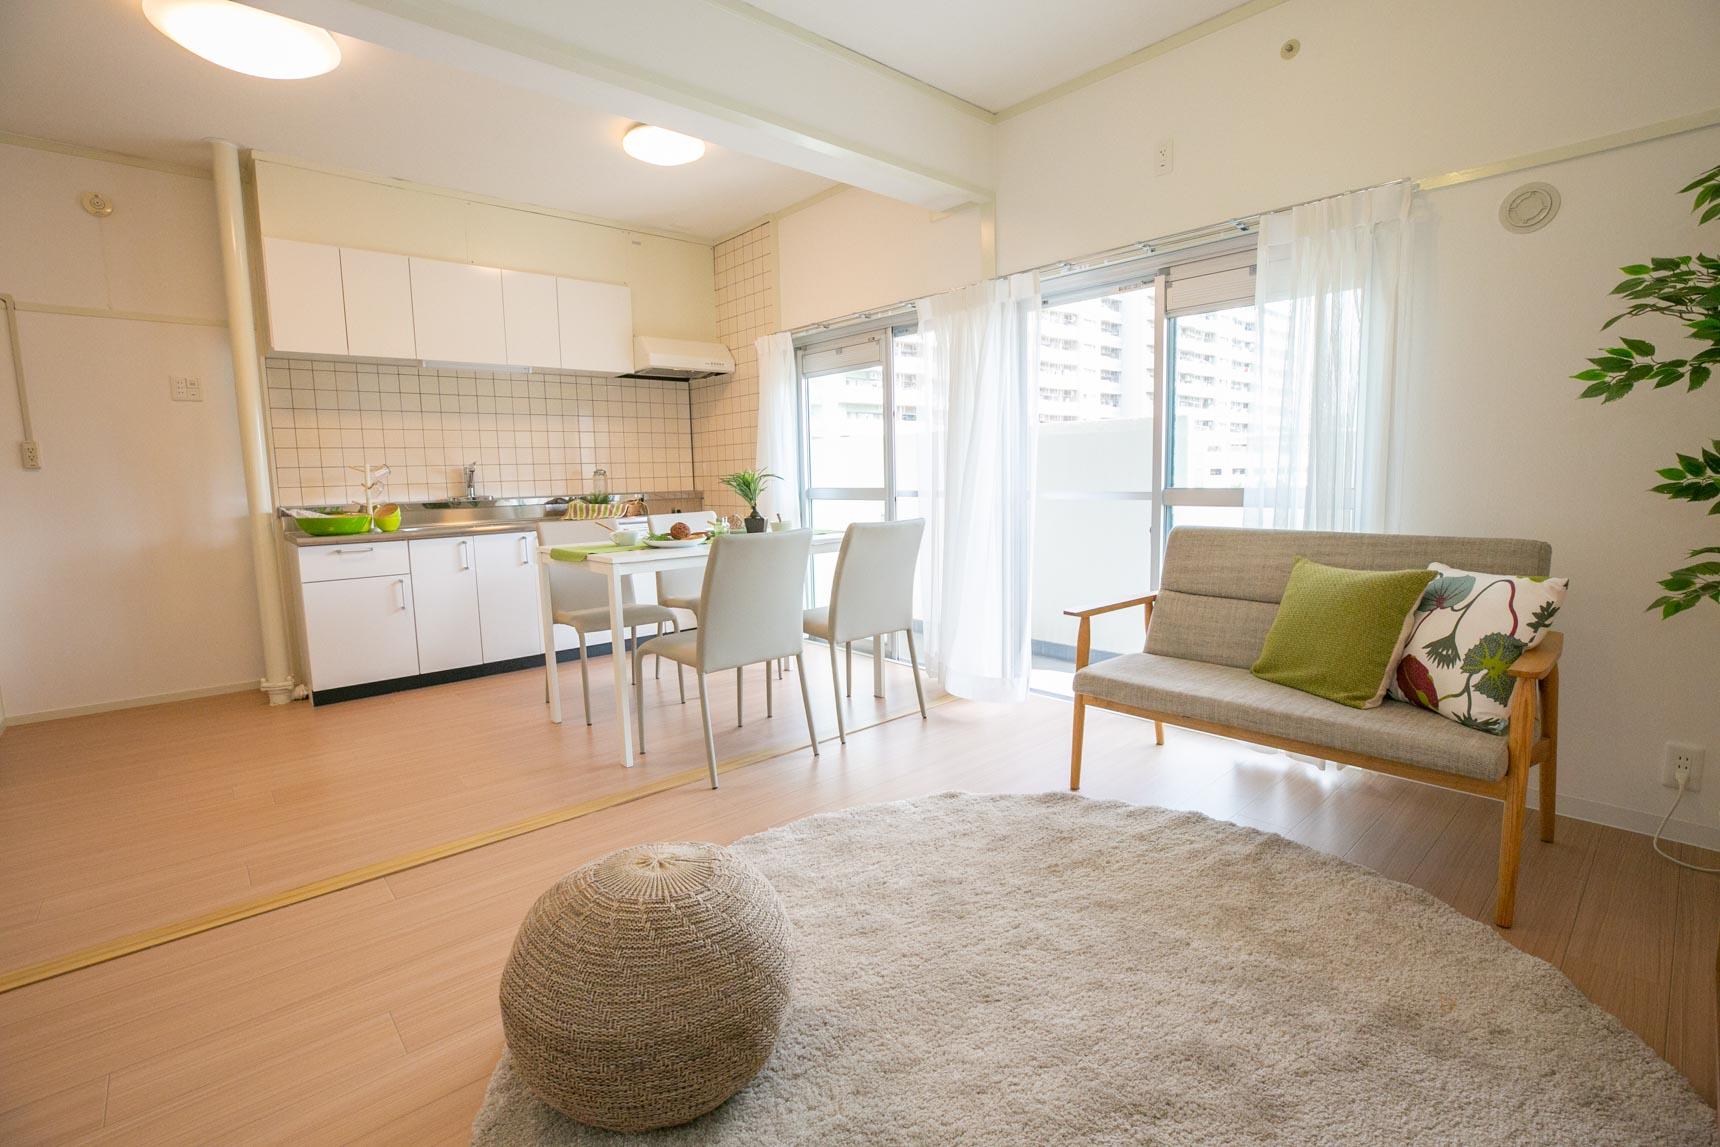 内装も、白を基調にナチュラルで明るい雰囲気で、家具が合わせやすそうですよね。